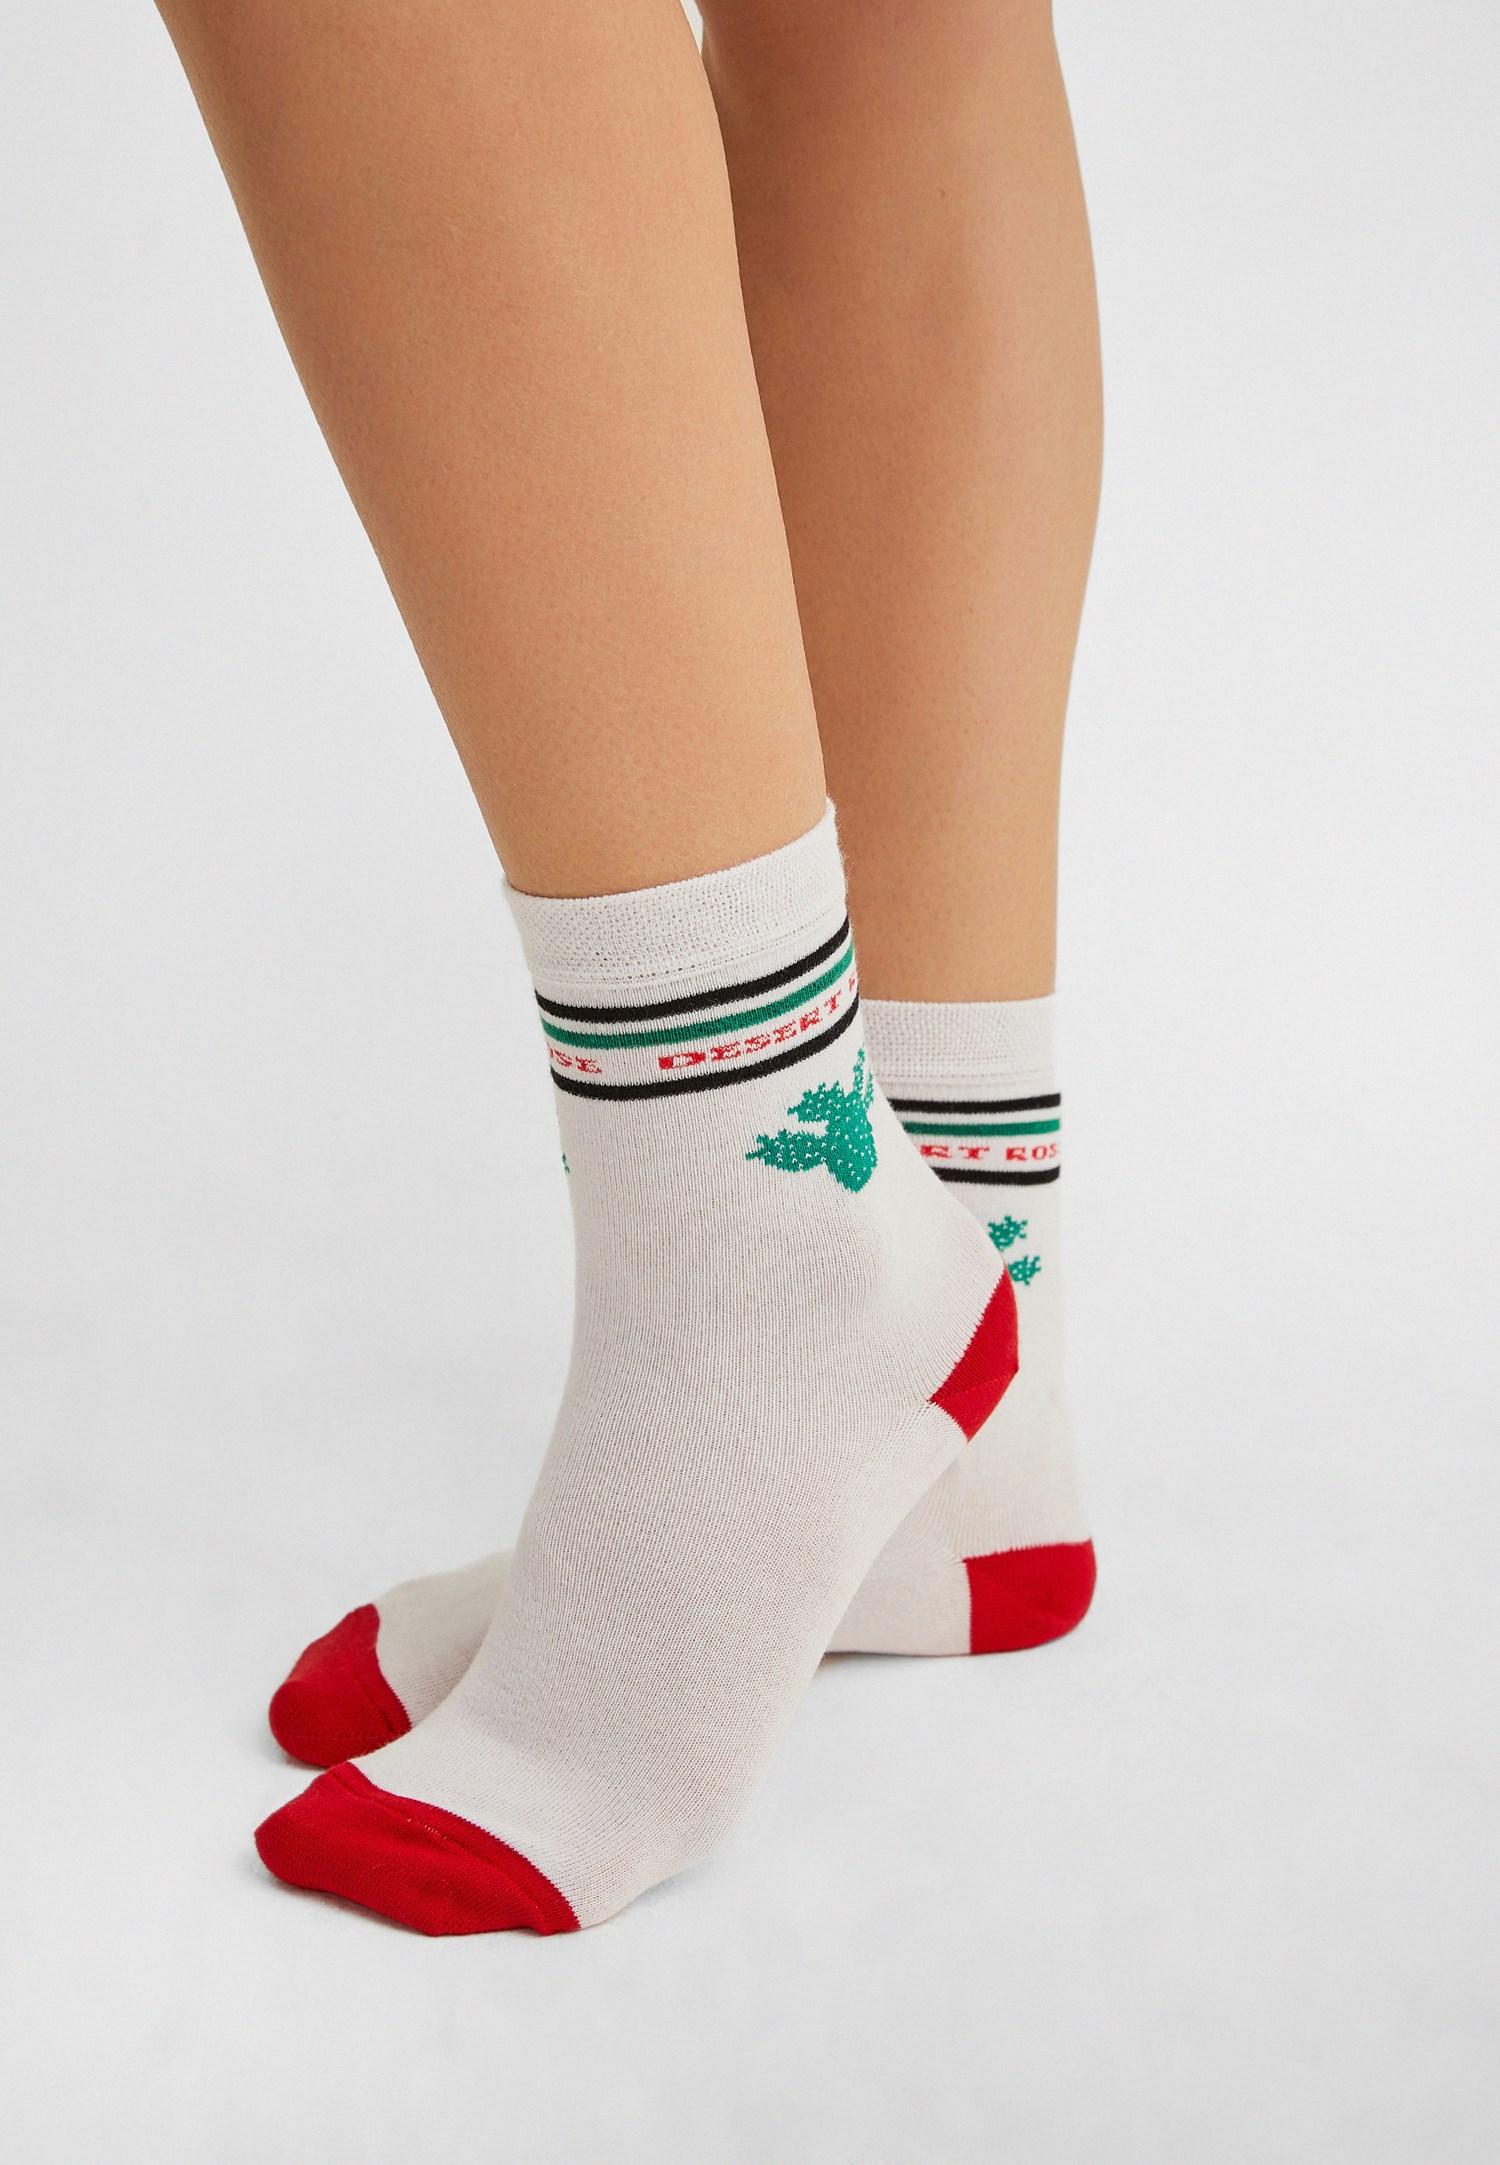 Bayan Çok Renkli Kaktüs Desenli Çorap